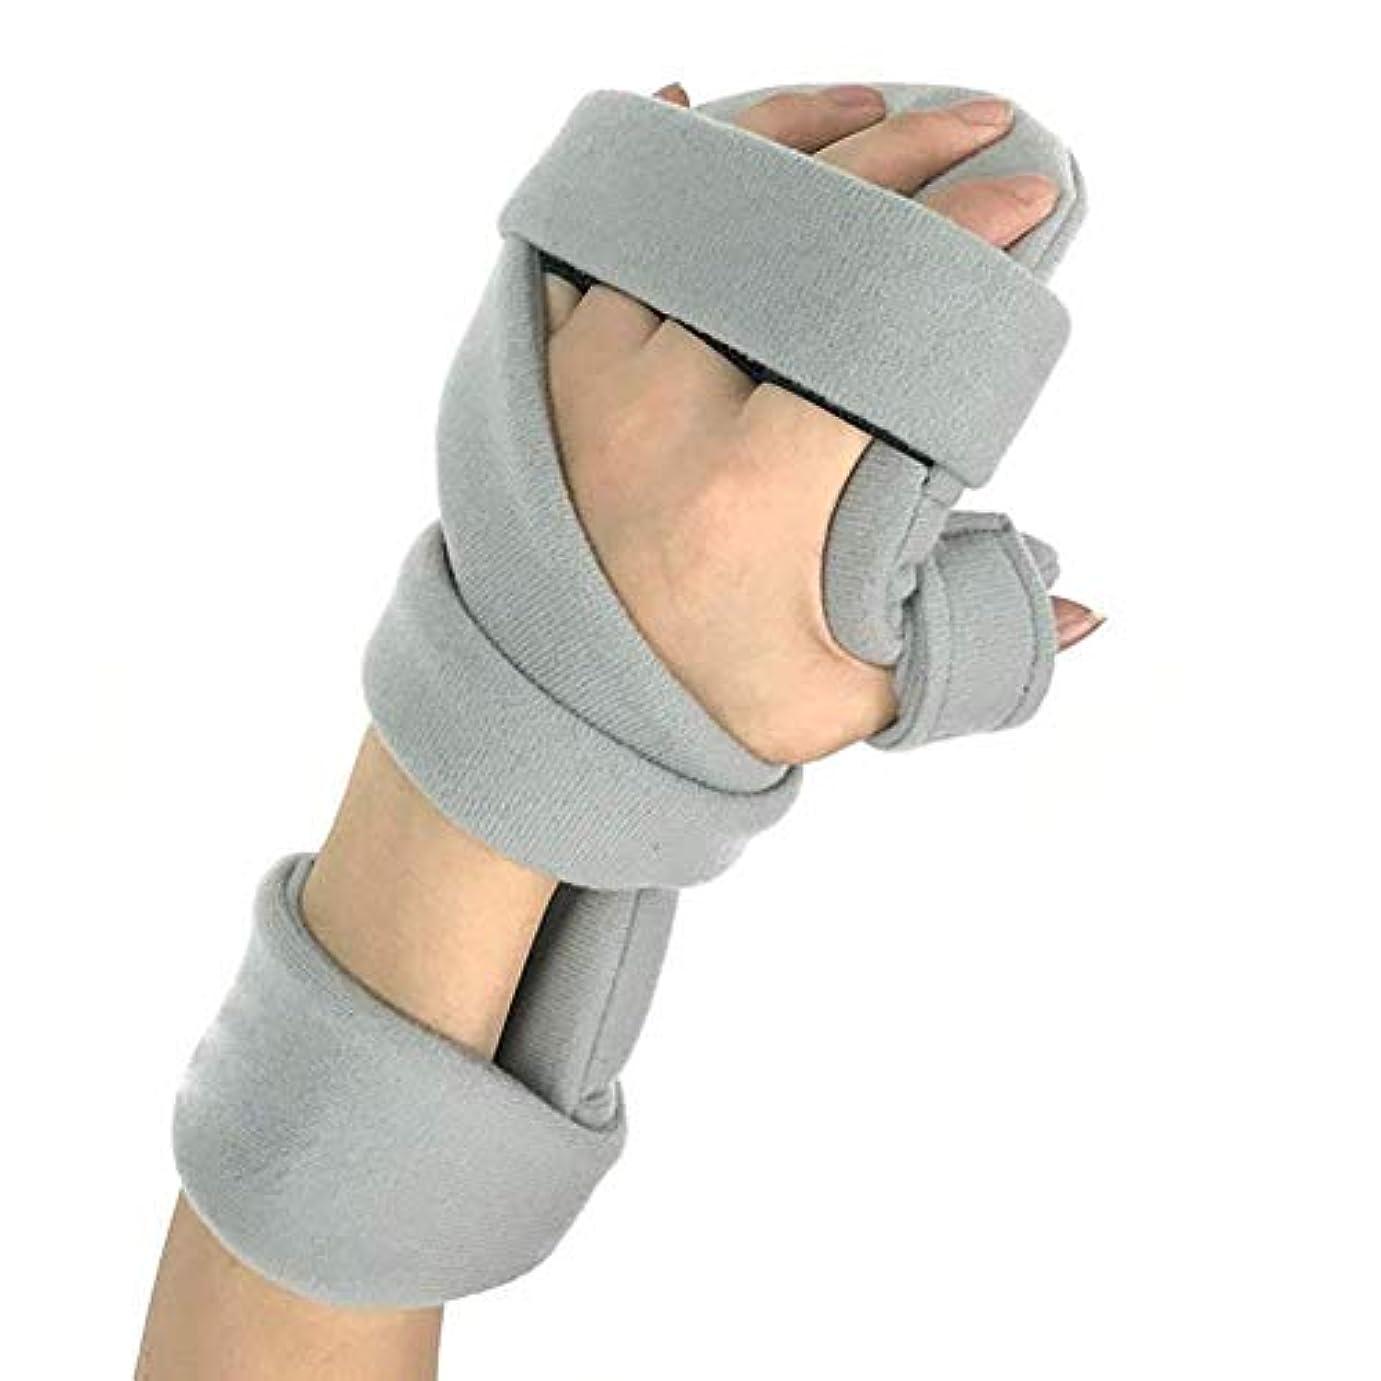 予防接種担保うなずく手の添え木、リハビリテーションの指板調節可能な手のサポート手首の手首の骨折の固定保護装置の添え木の整形外科の訂正の支柱 (Color : Right)